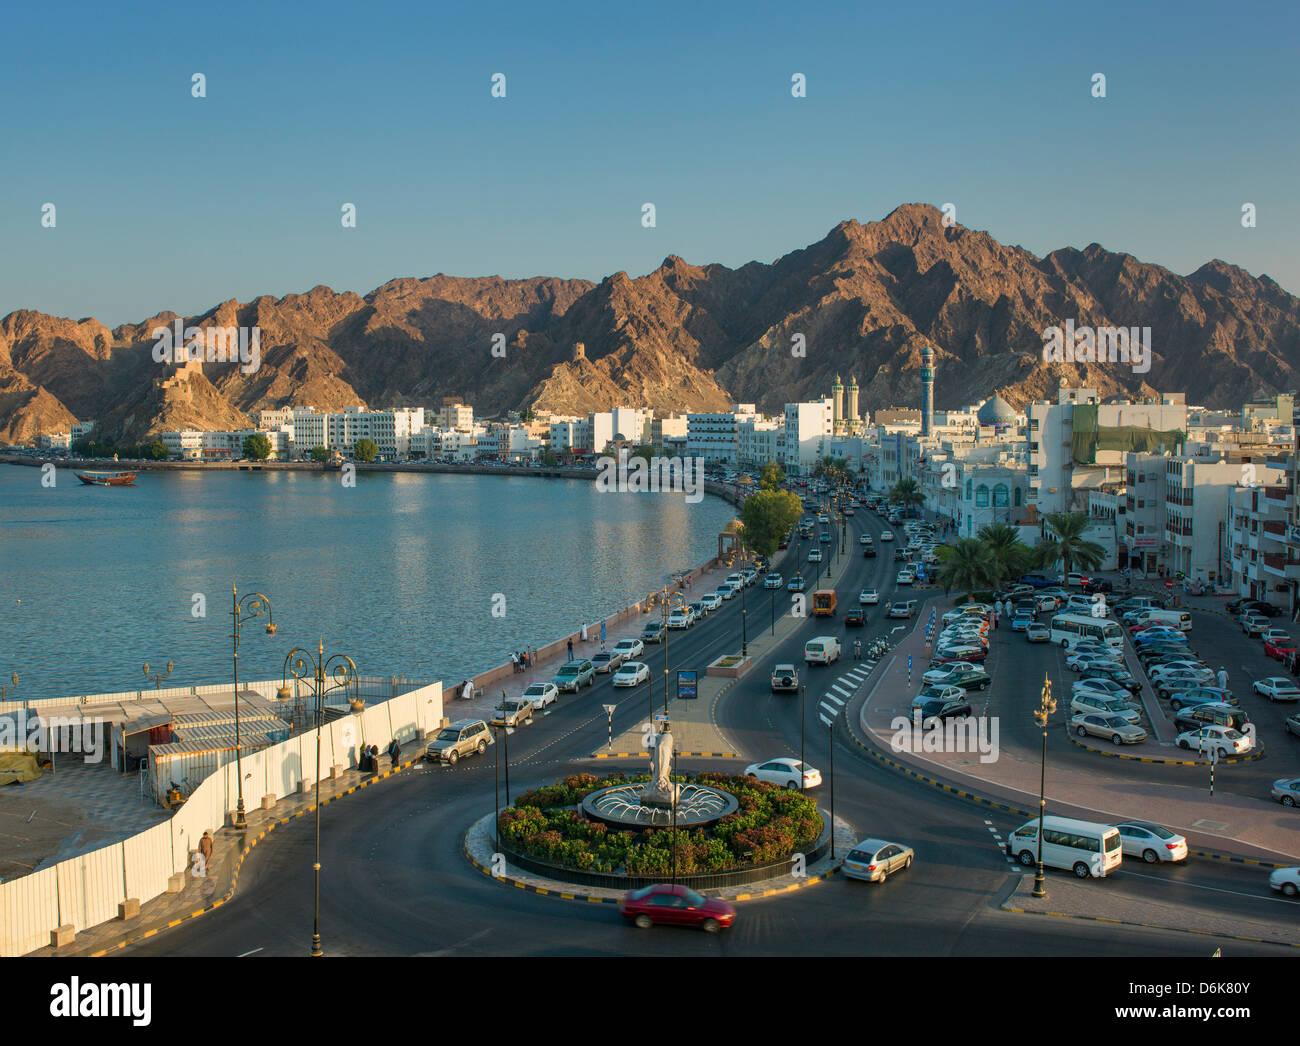 Distrito Mutthra, Muscat, Omán, Oriente Medio Imagen De Stock